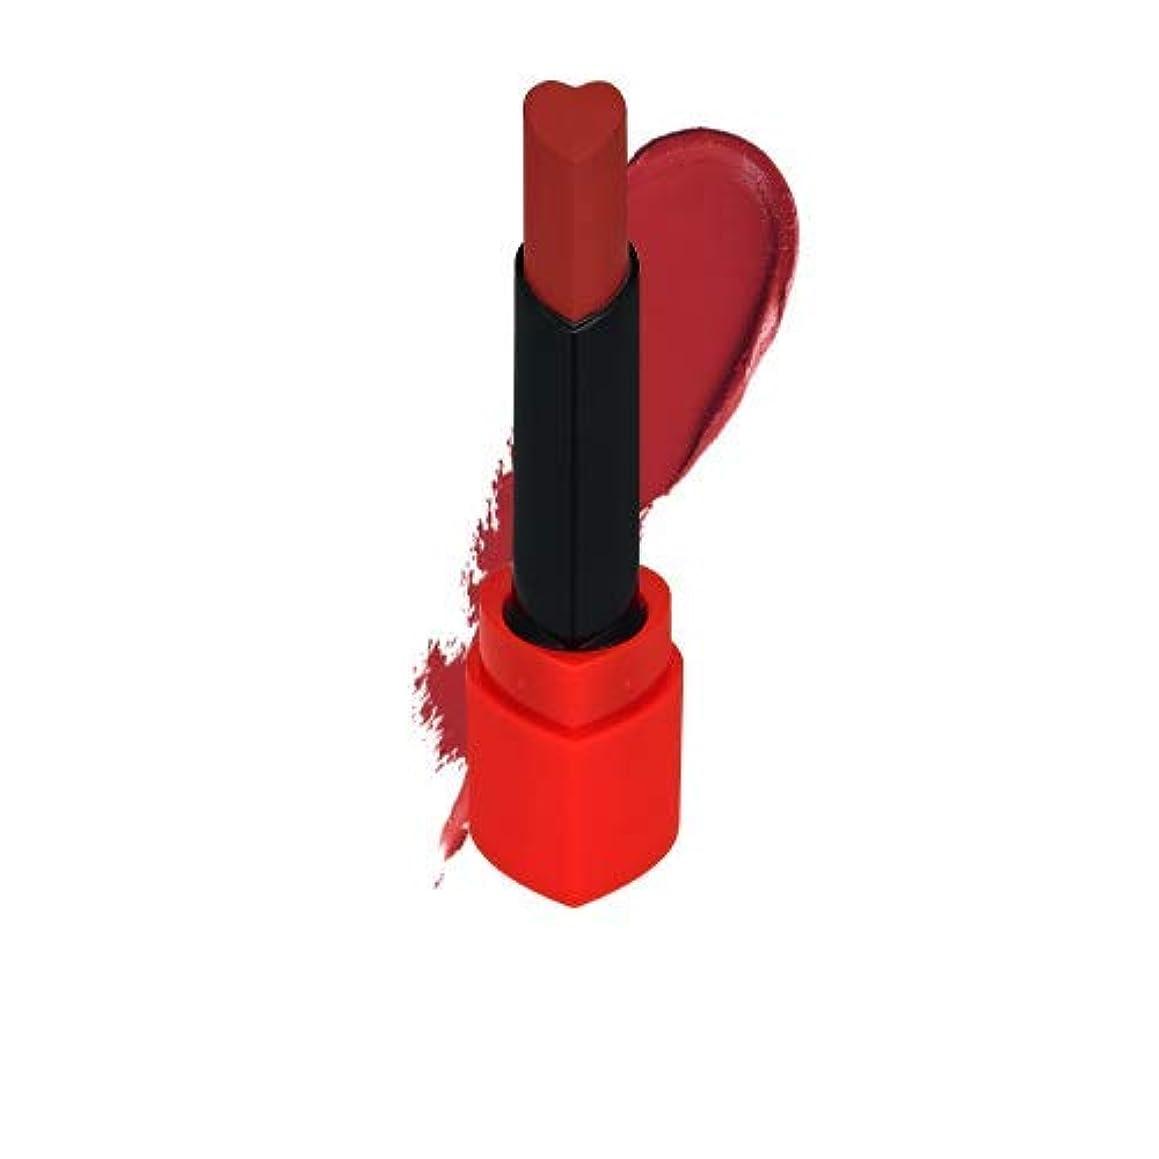 前者パトロールアルコールホリカホリカ ハートクラッシュ?ベルベット?リップスティック HOLIKA HOLIKA Heart Crush Velvet Lipstick 1.8g (# BE02 CREAM MOCHA) [並行輸入品]